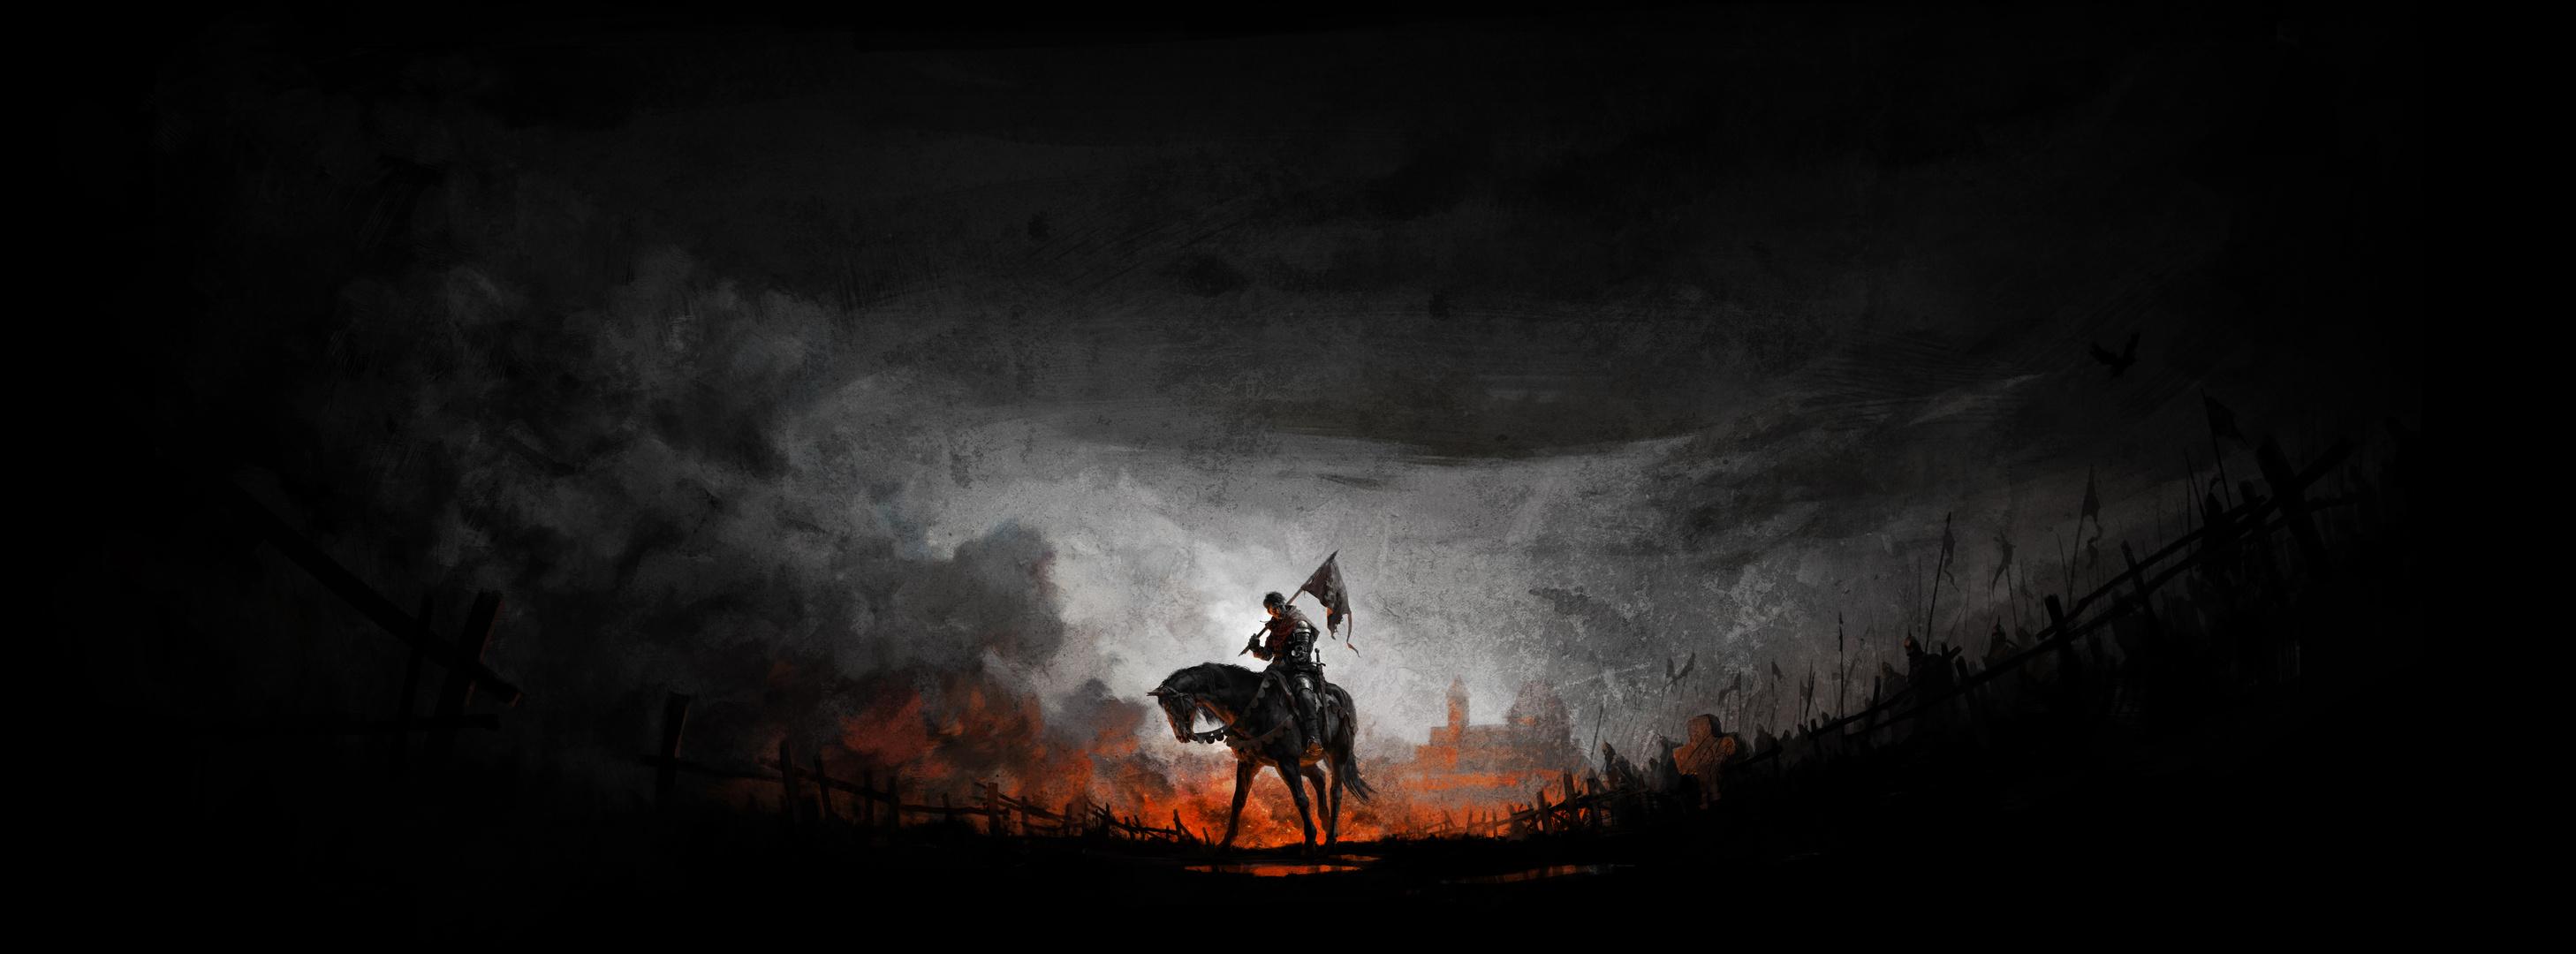 Kingdom Come Deliverance HD Wallpaper Background Image 2916x1080